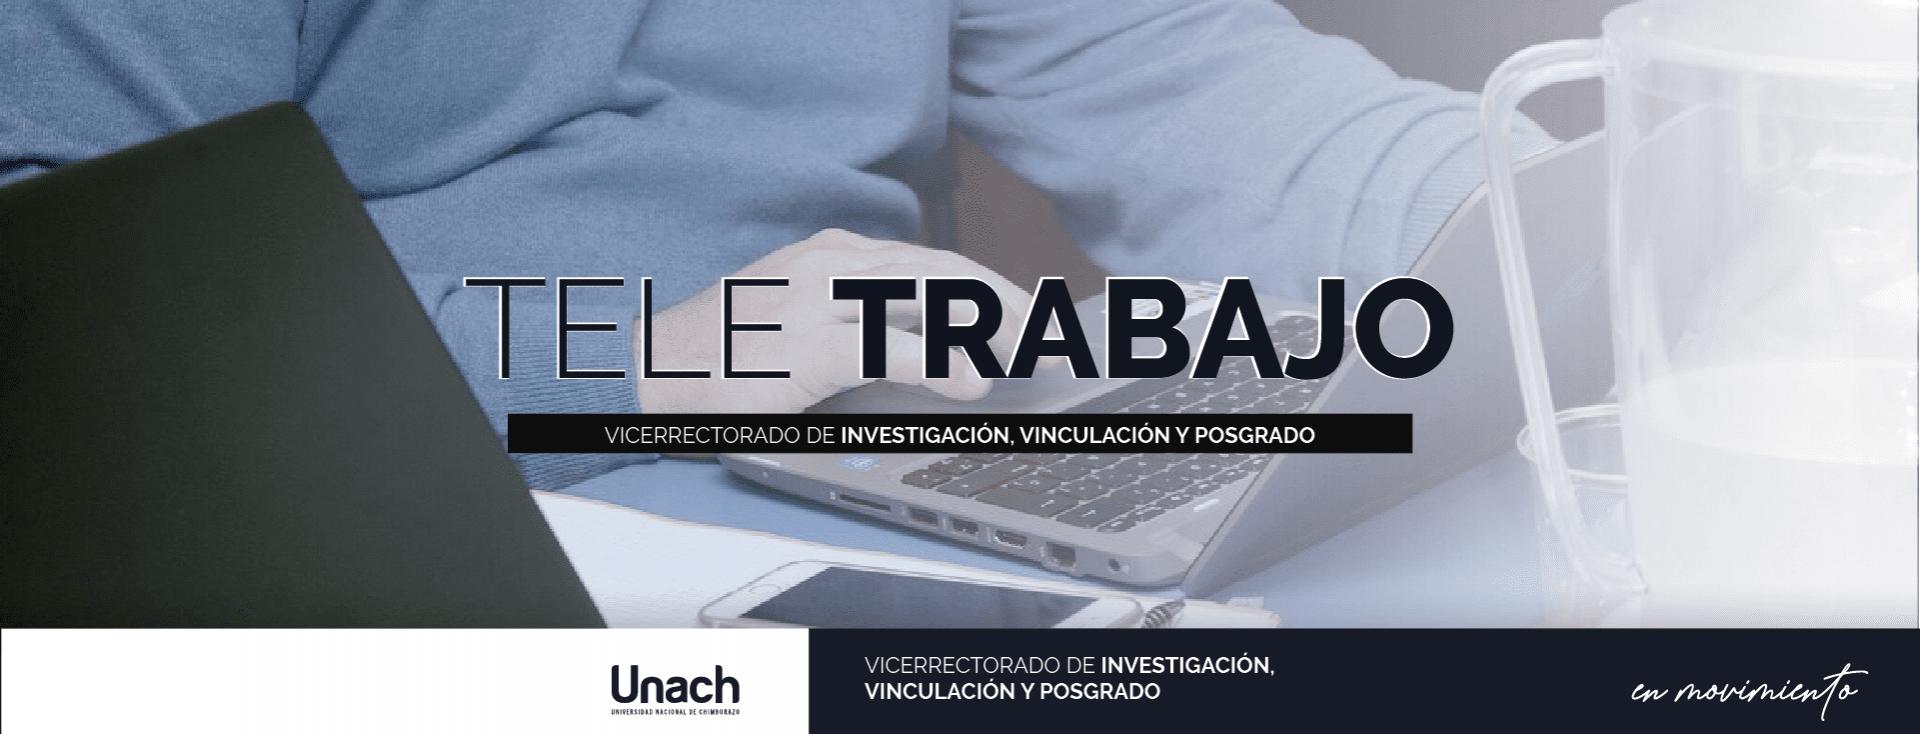 TELETRABAJO DENTRO DEL PLAN DE CONTINGENCIA DEL VICERRECTORADO DE INVESTIGACIÓN, VINCULACIÓN Y POSGRADO